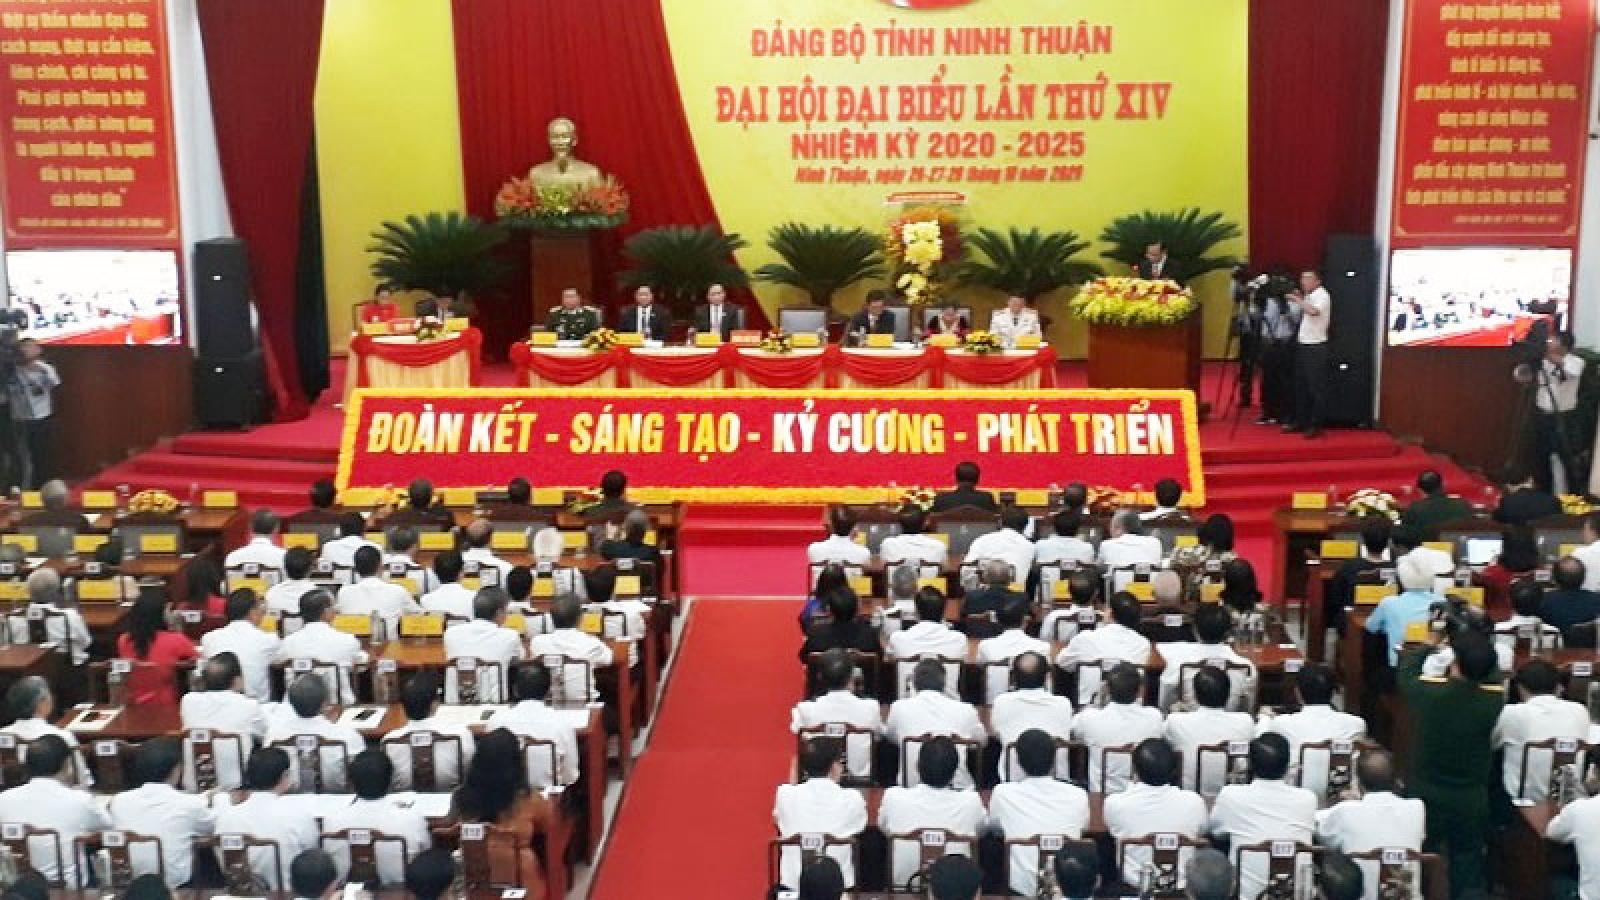 Đại tướng Lương Cường: xây dựng Ninh Thuận thành trung tâm năng lượng tái tạo của cả nước